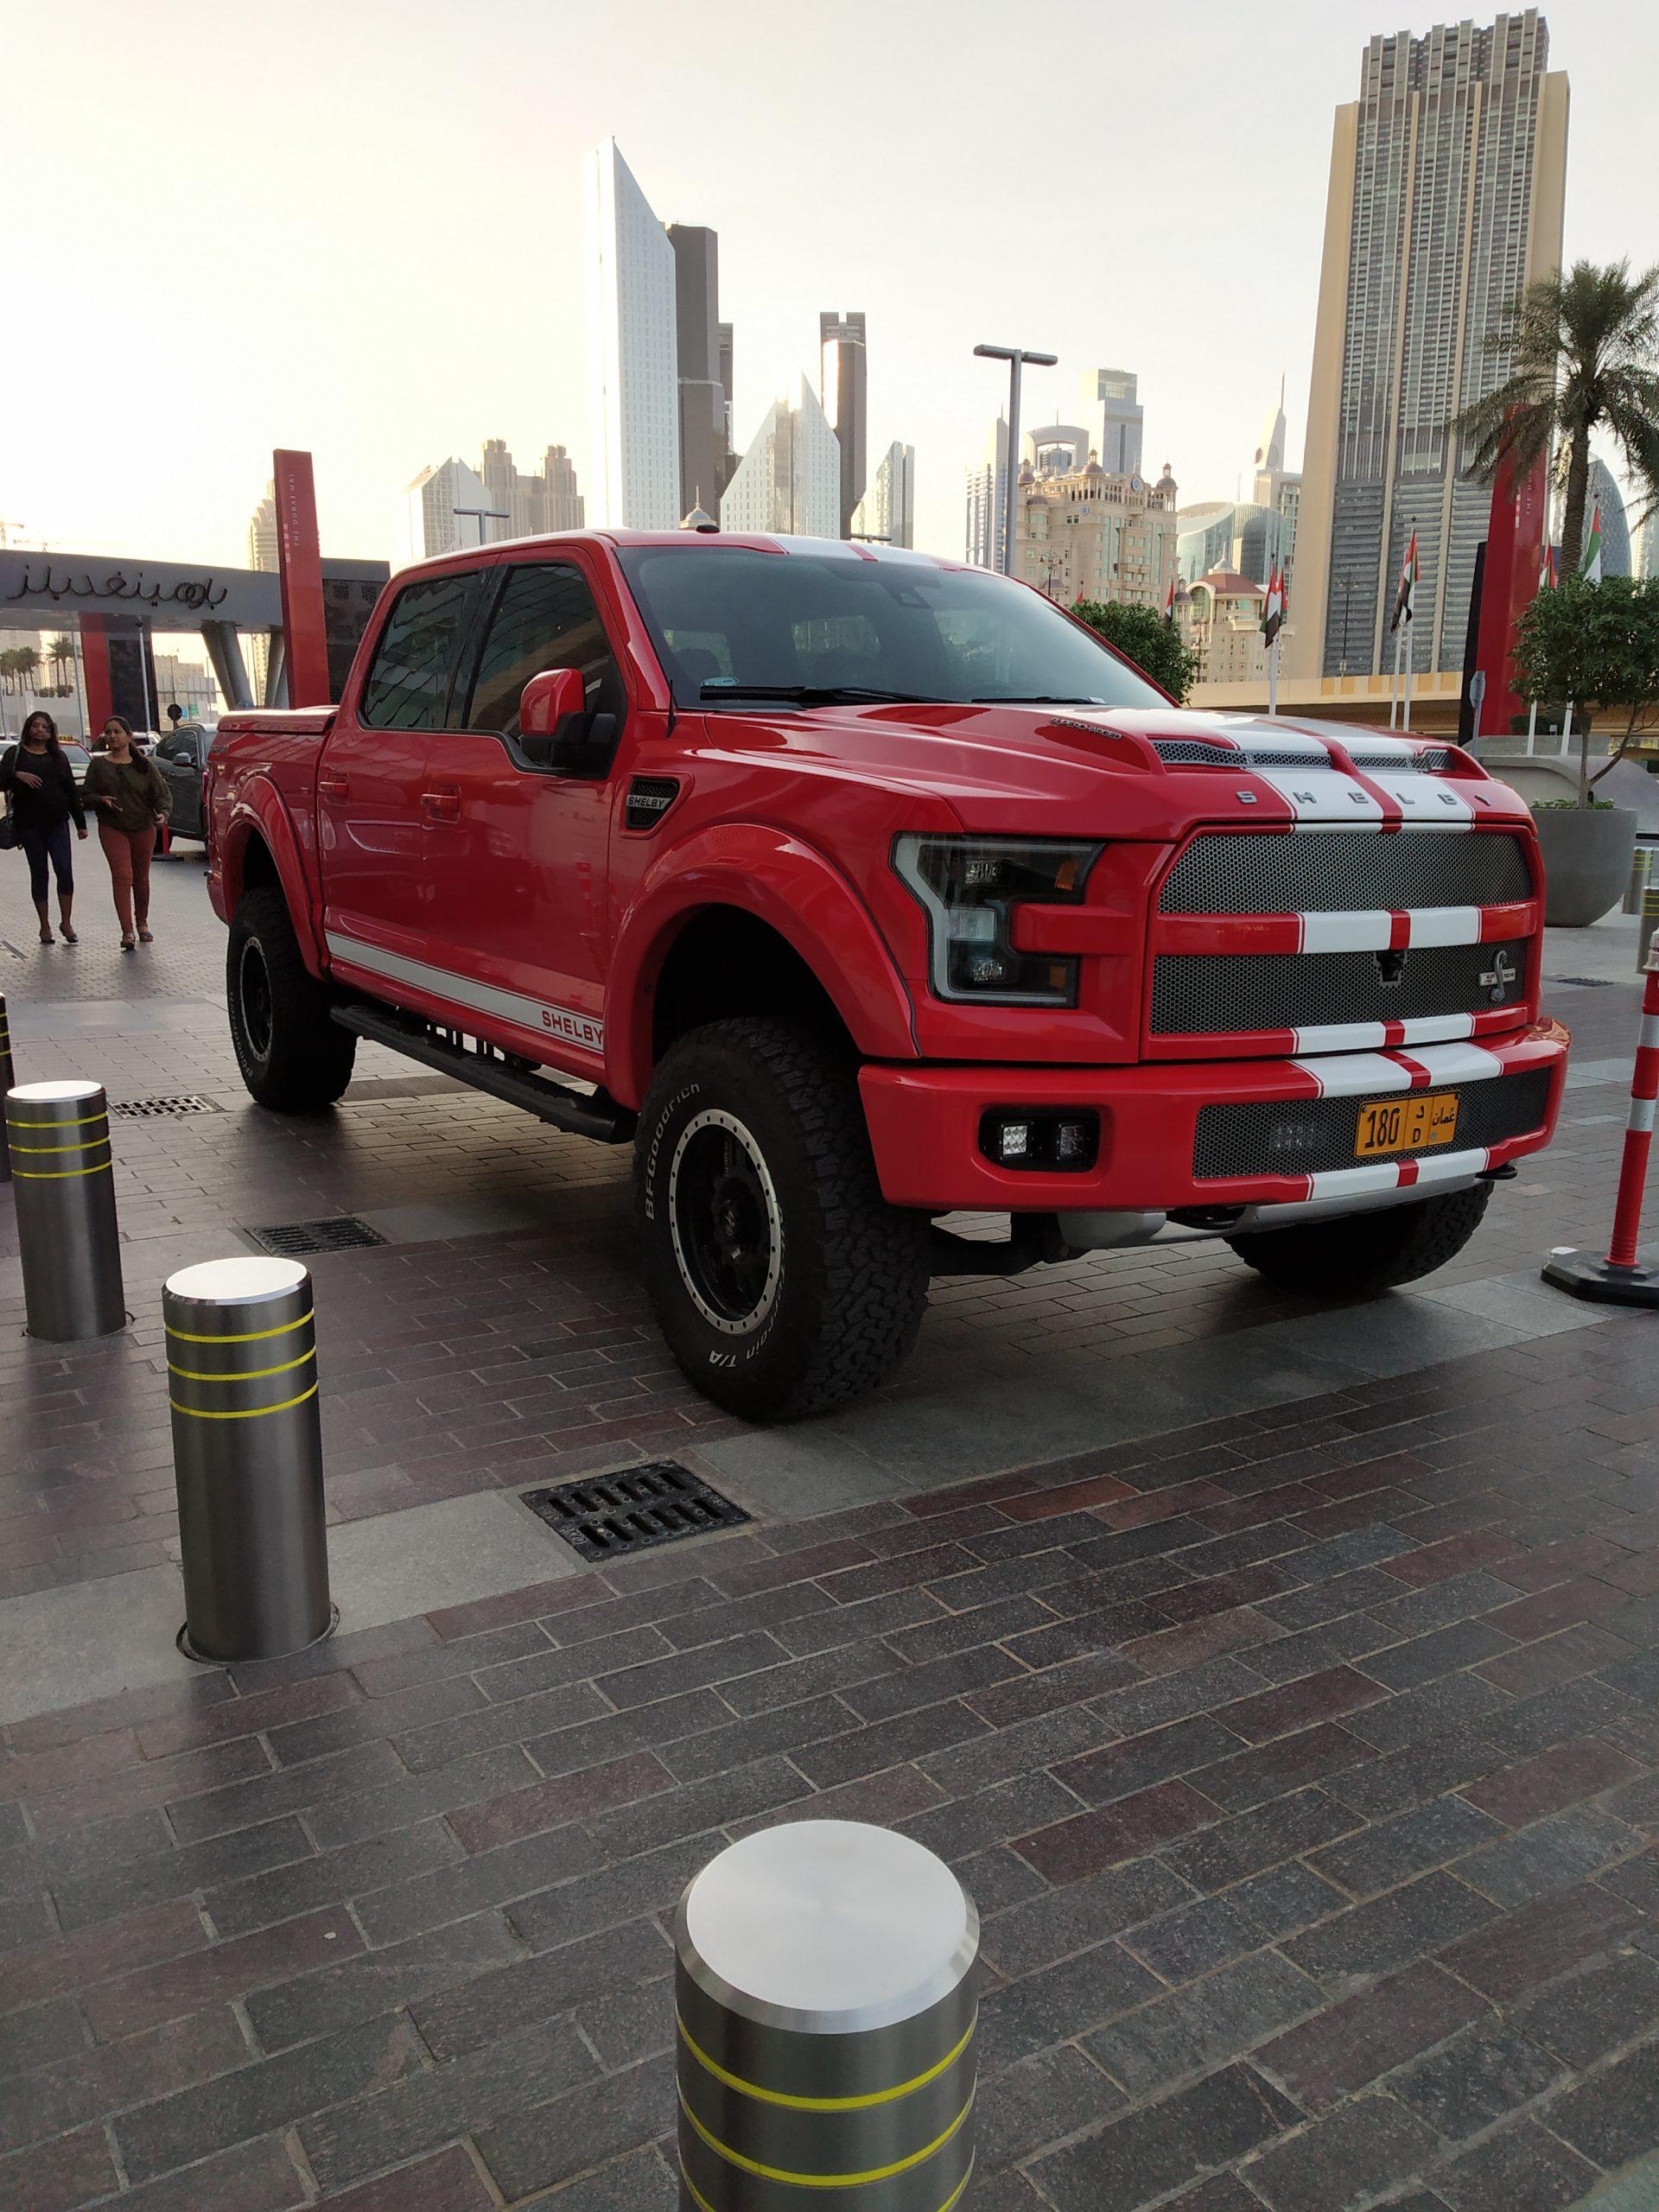 A car in Dubai